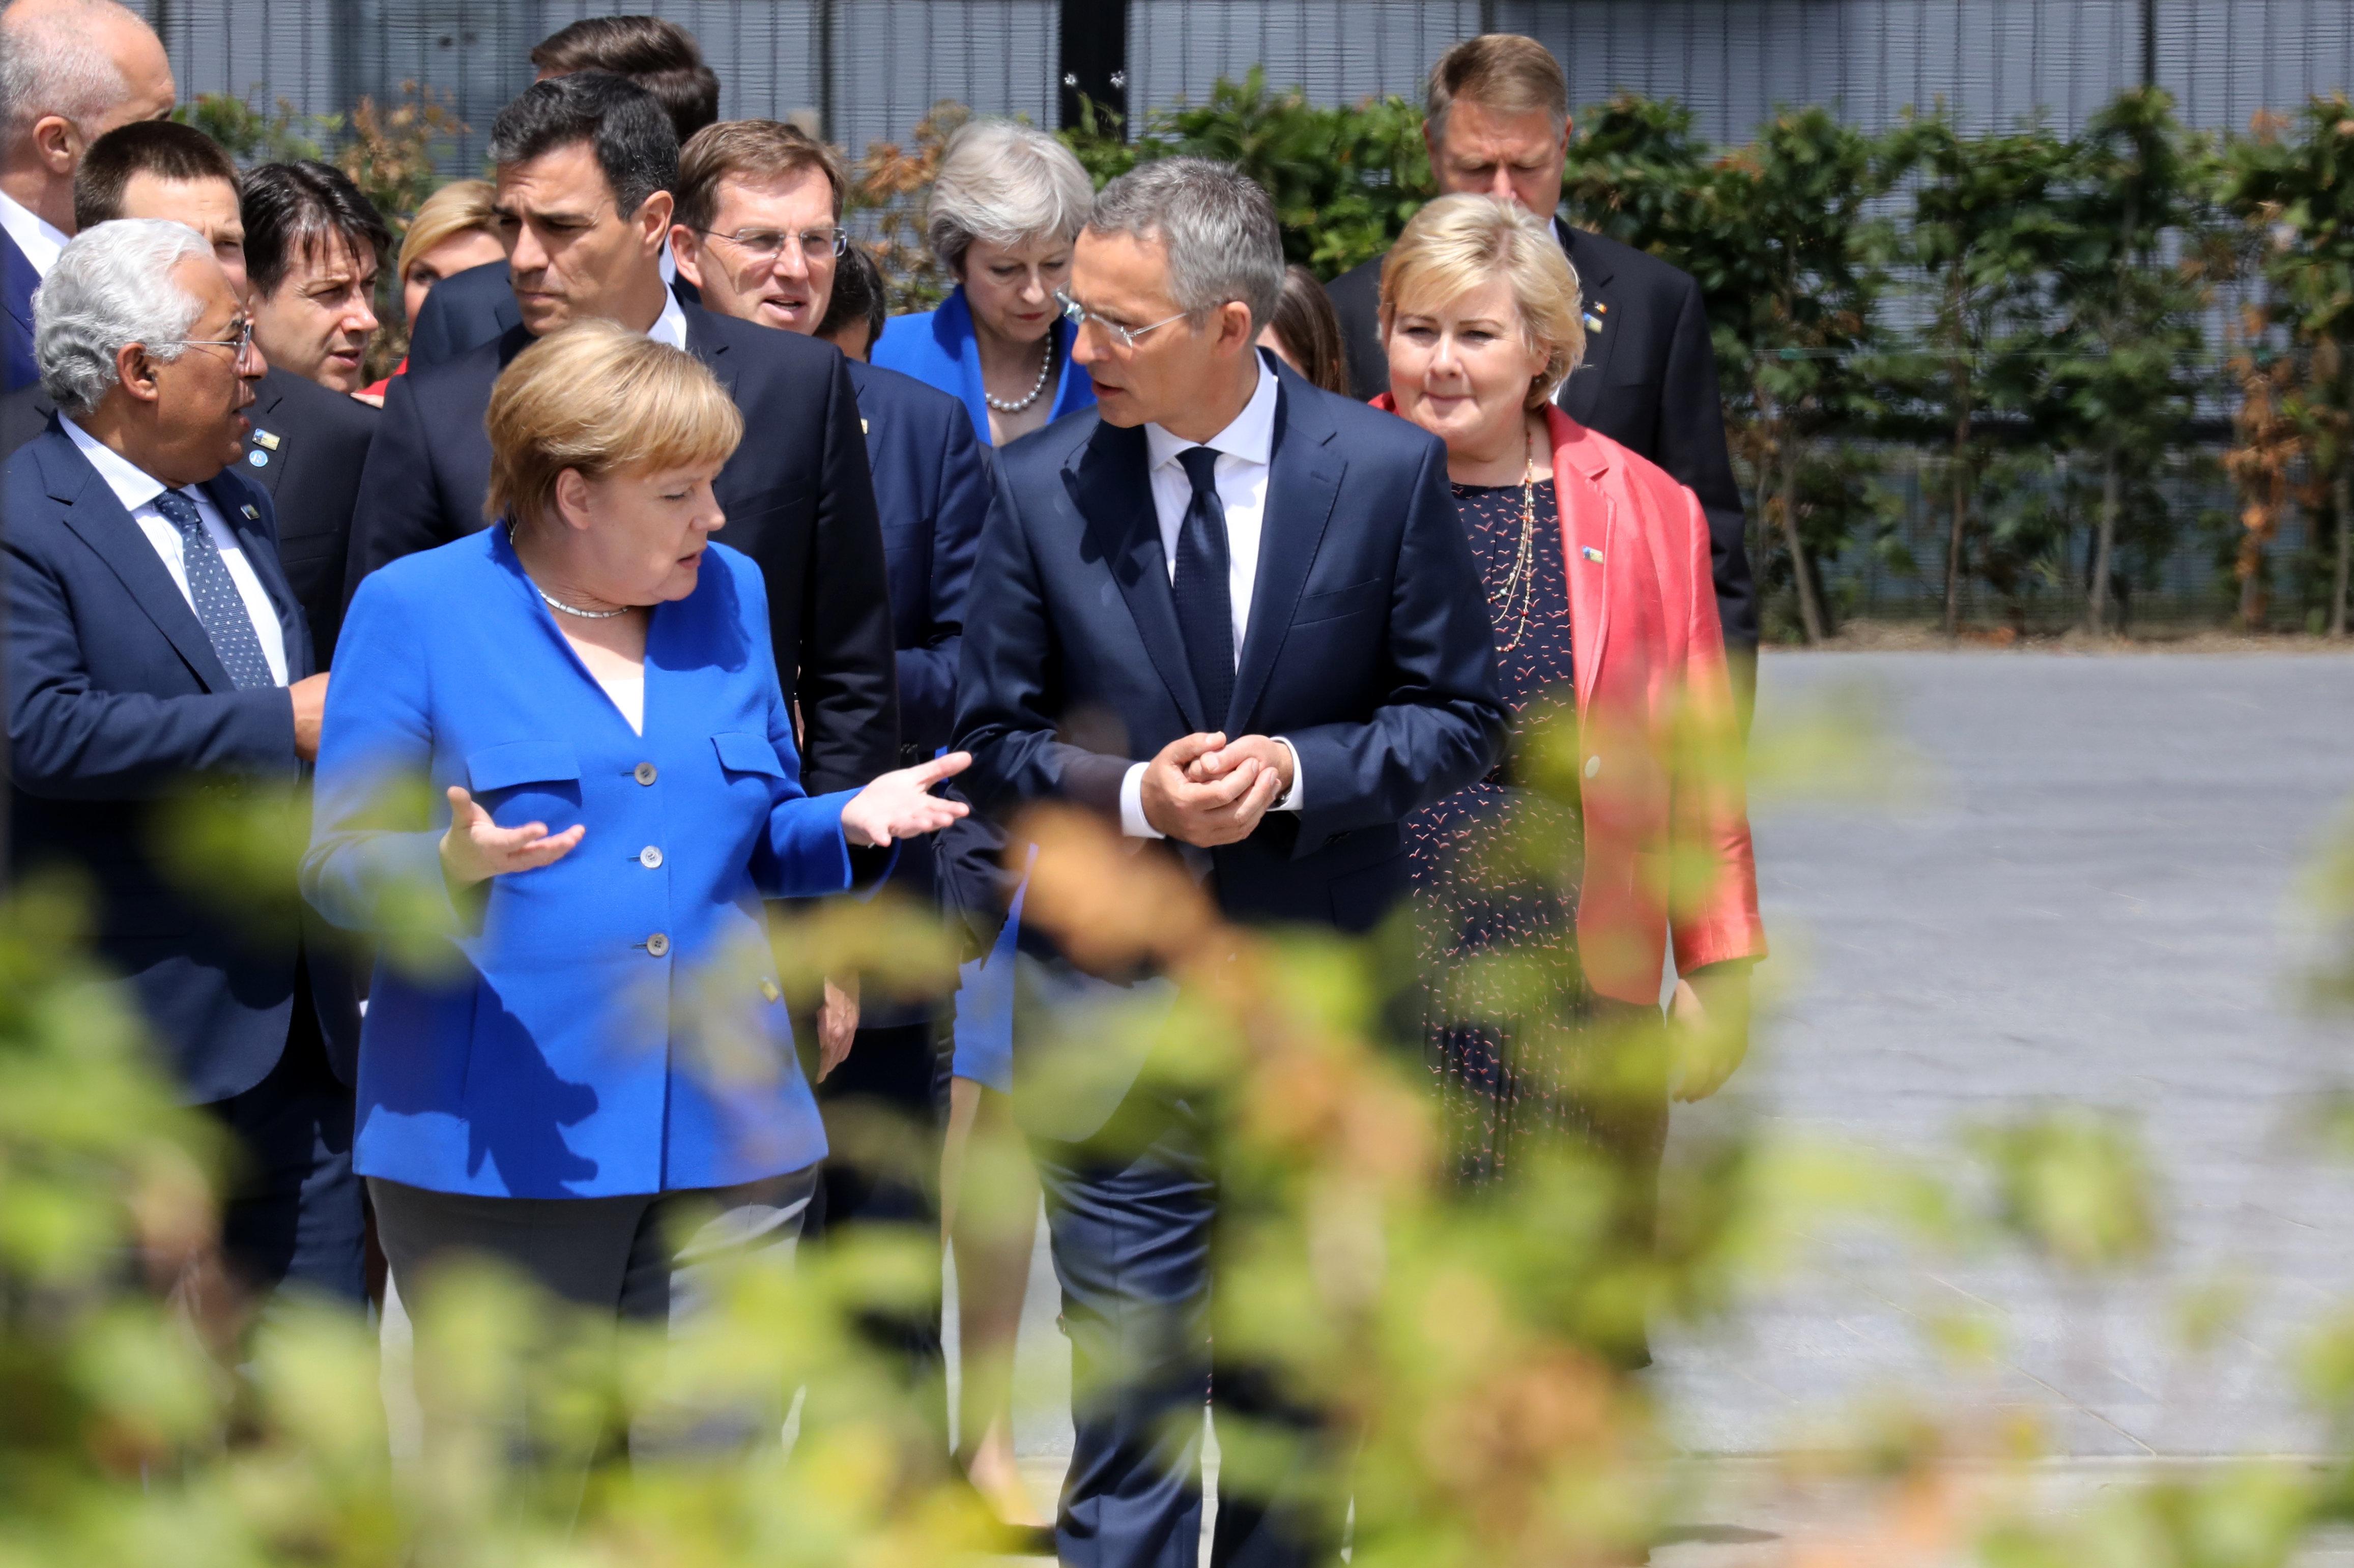 Канцлер Германии Ангела Меркель и генеральный секретарь НАТО Йенсом Столтенбергом перед церемонией открытия саммита НАТО